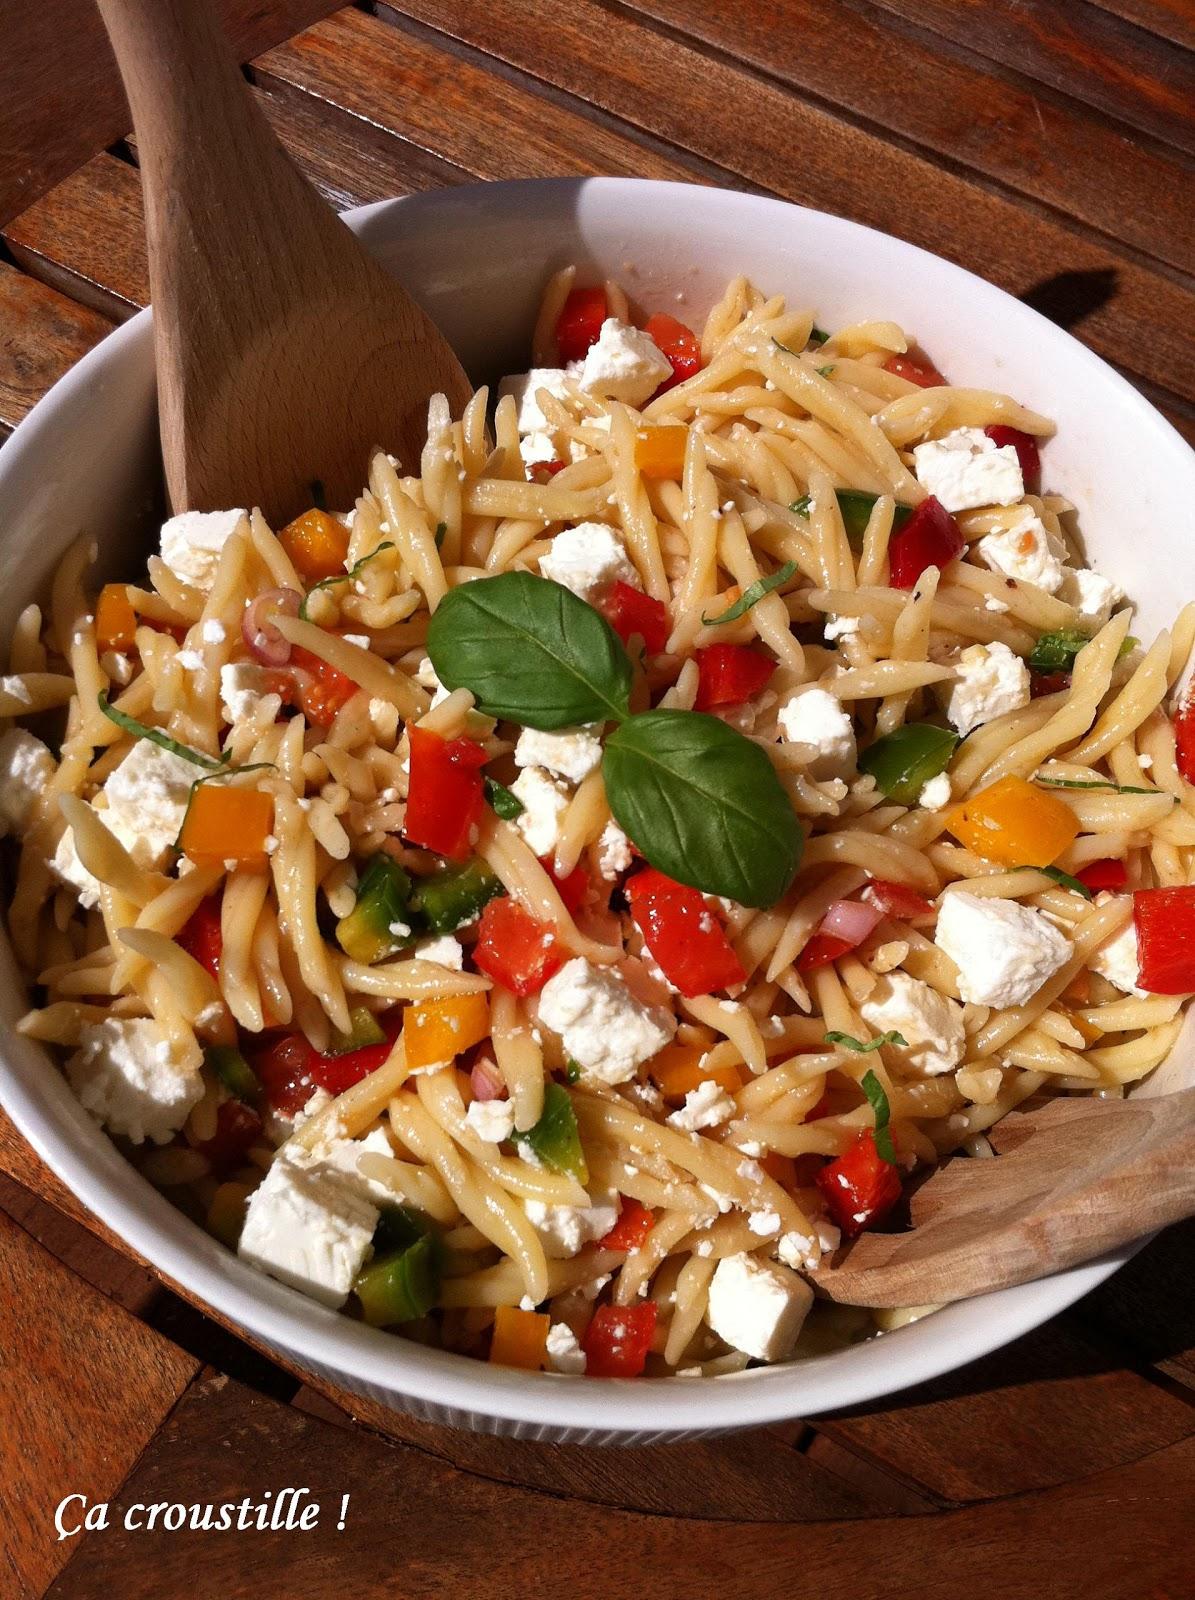 A croustille salade m diterran enne - Cuisine mediterraneenne definition ...